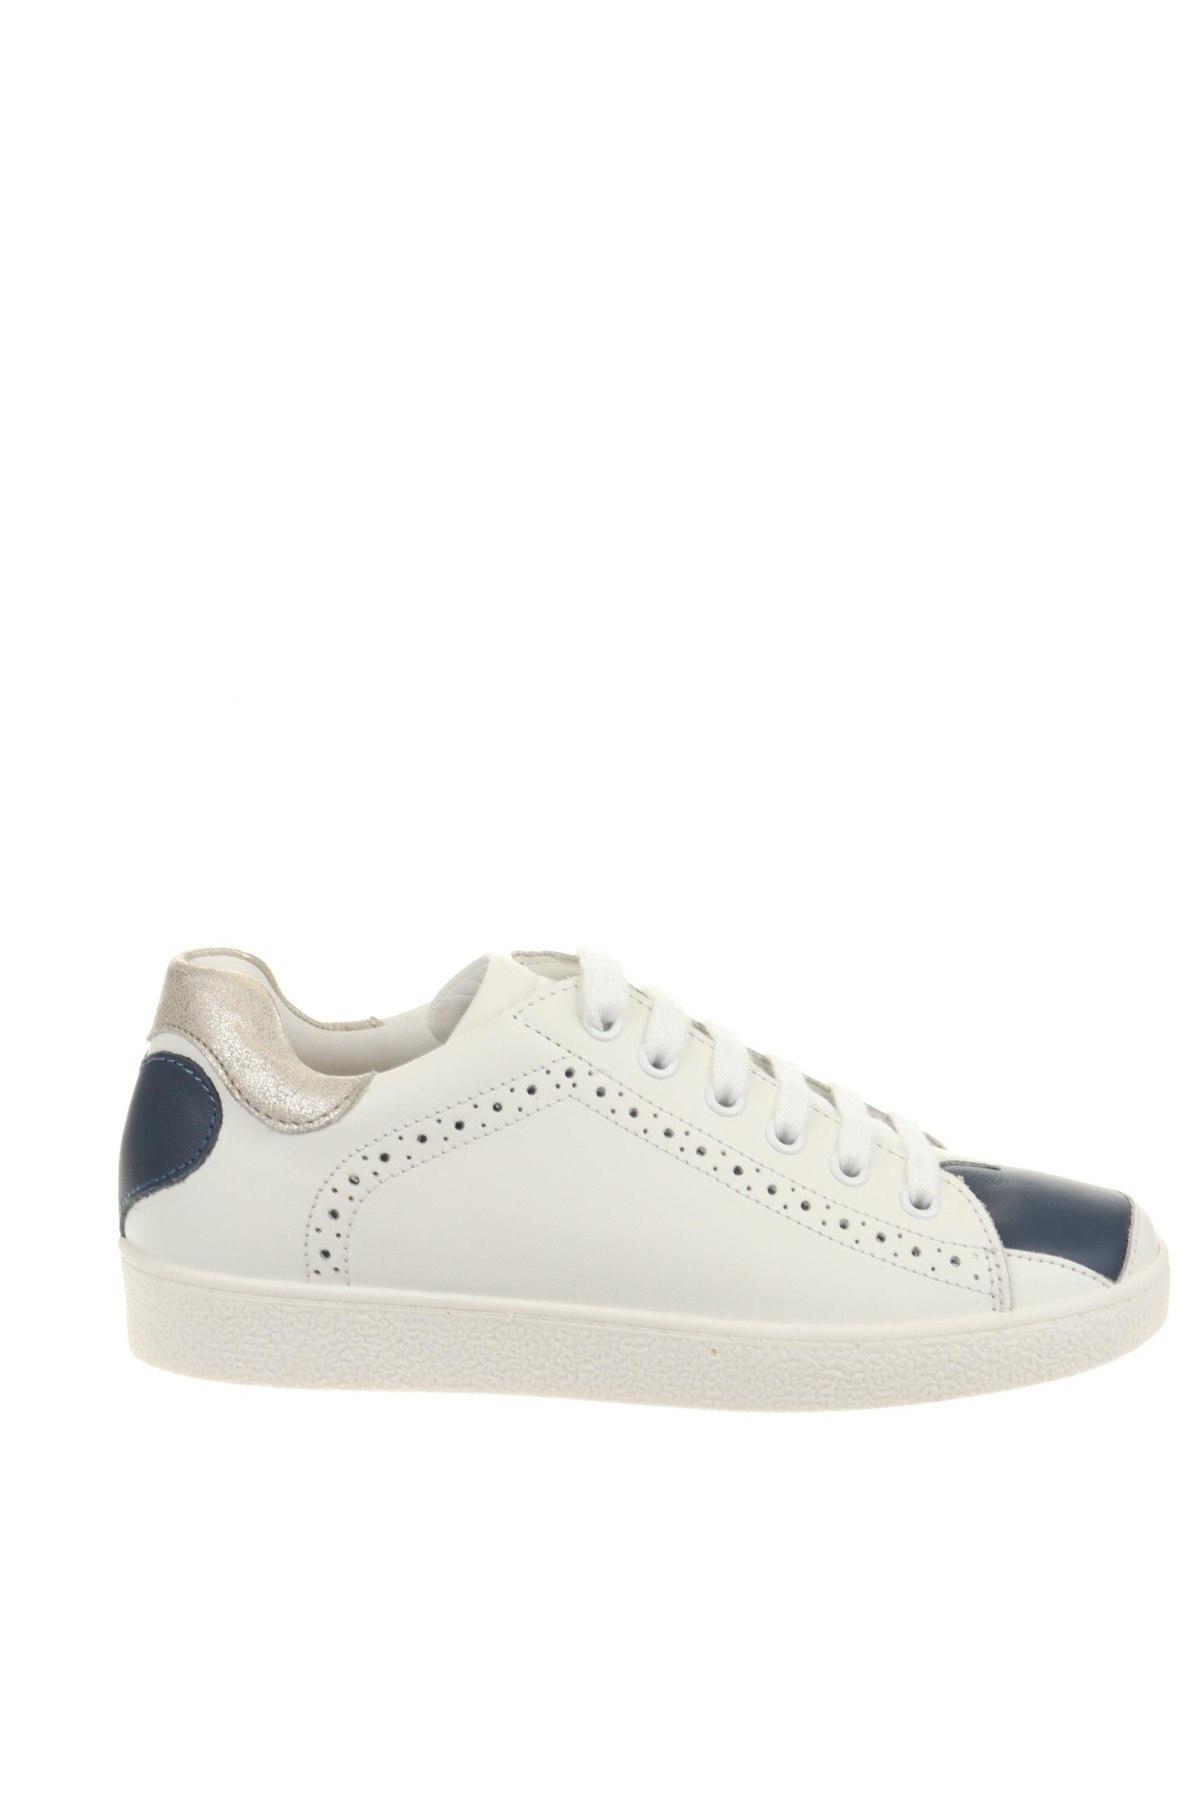 Παιδικά παπούτσια TWINSET, Μέγεθος 33, Χρώμα Λευκό, Γνήσιο δέρμα, Τιμή 35,83€